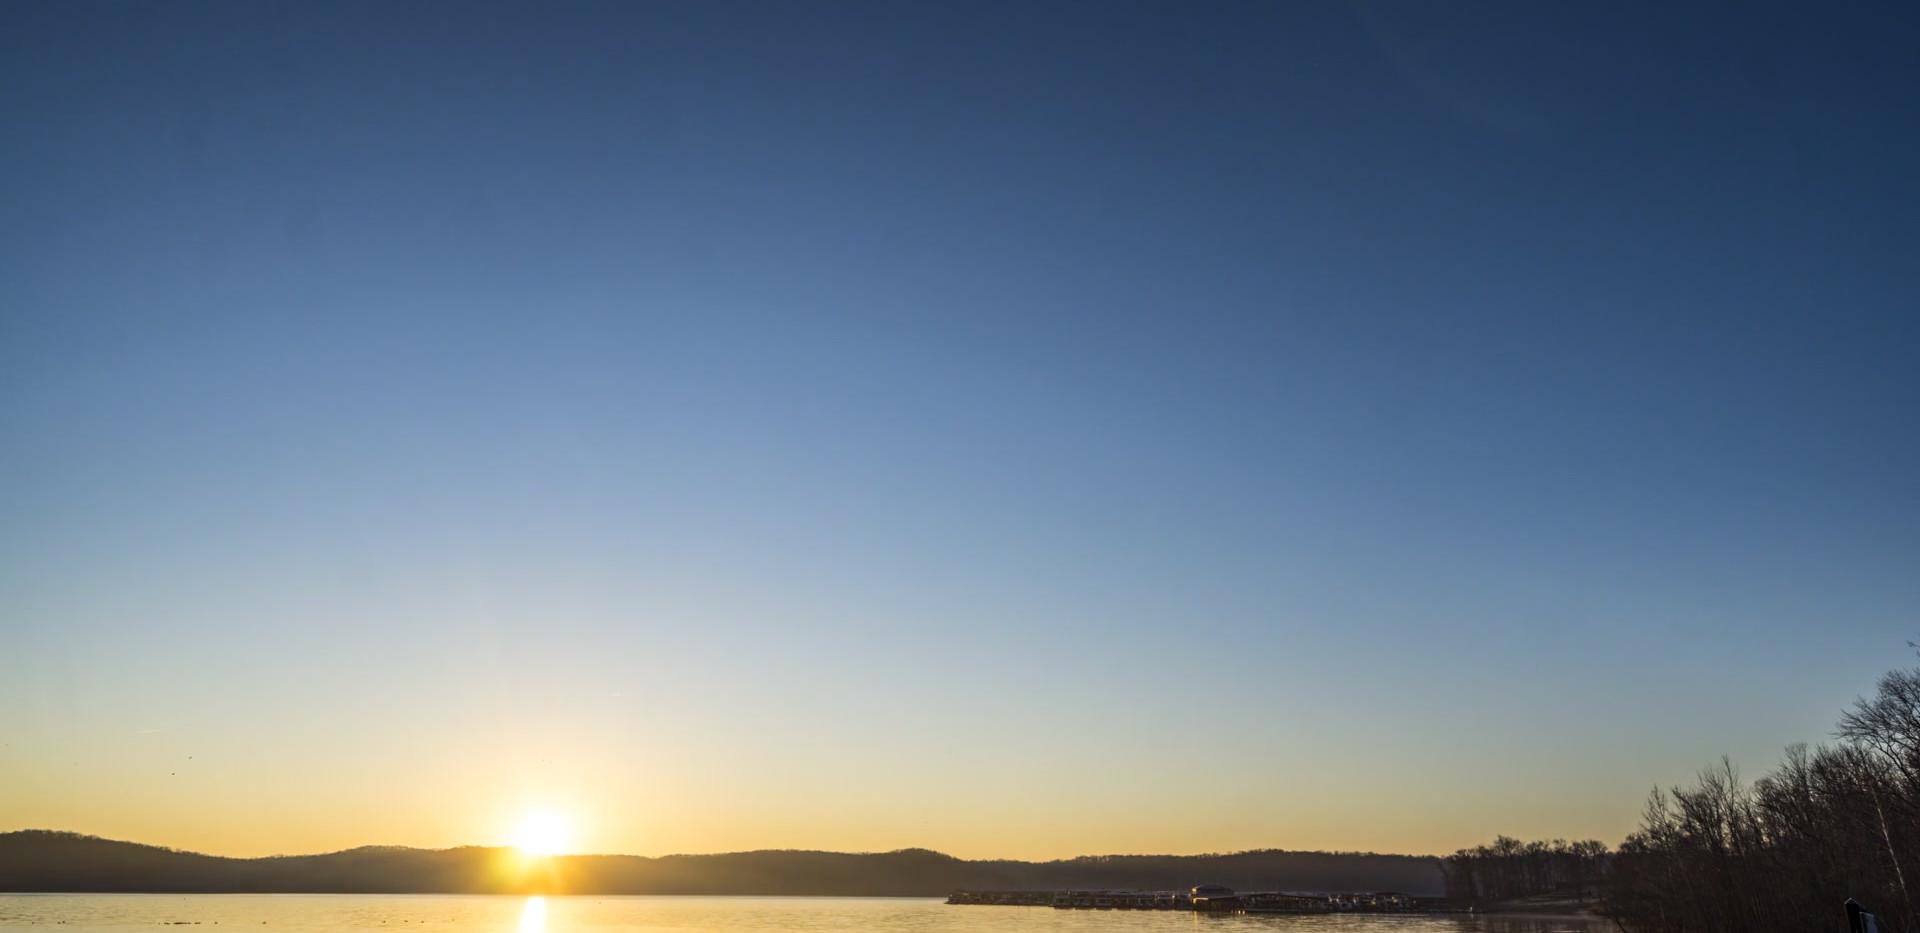 sunrise1_h264-420_1080p_29.97_MQ.mp4